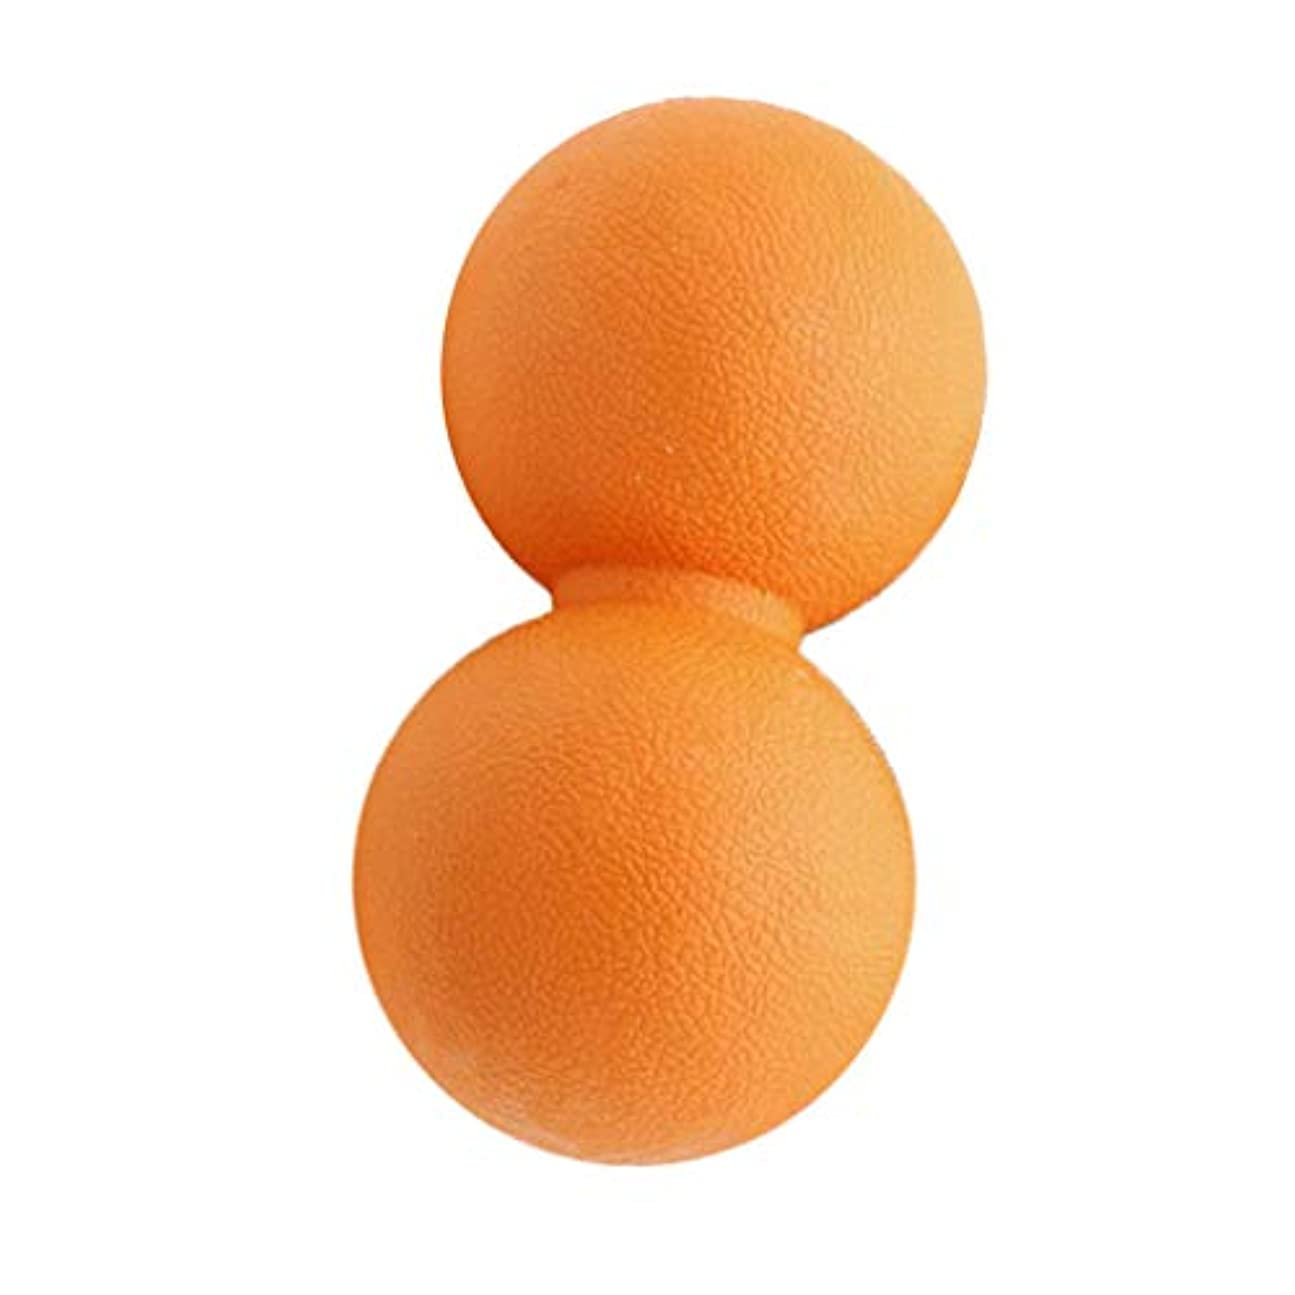 実現可能不調和セブンCUTICATE 全2色 マッサージボール ピーナッツ ツボ押しグッズ 疲れ解消ボール 筋膜リリース 筋肉疲労回復 - オレンジ, 13cm